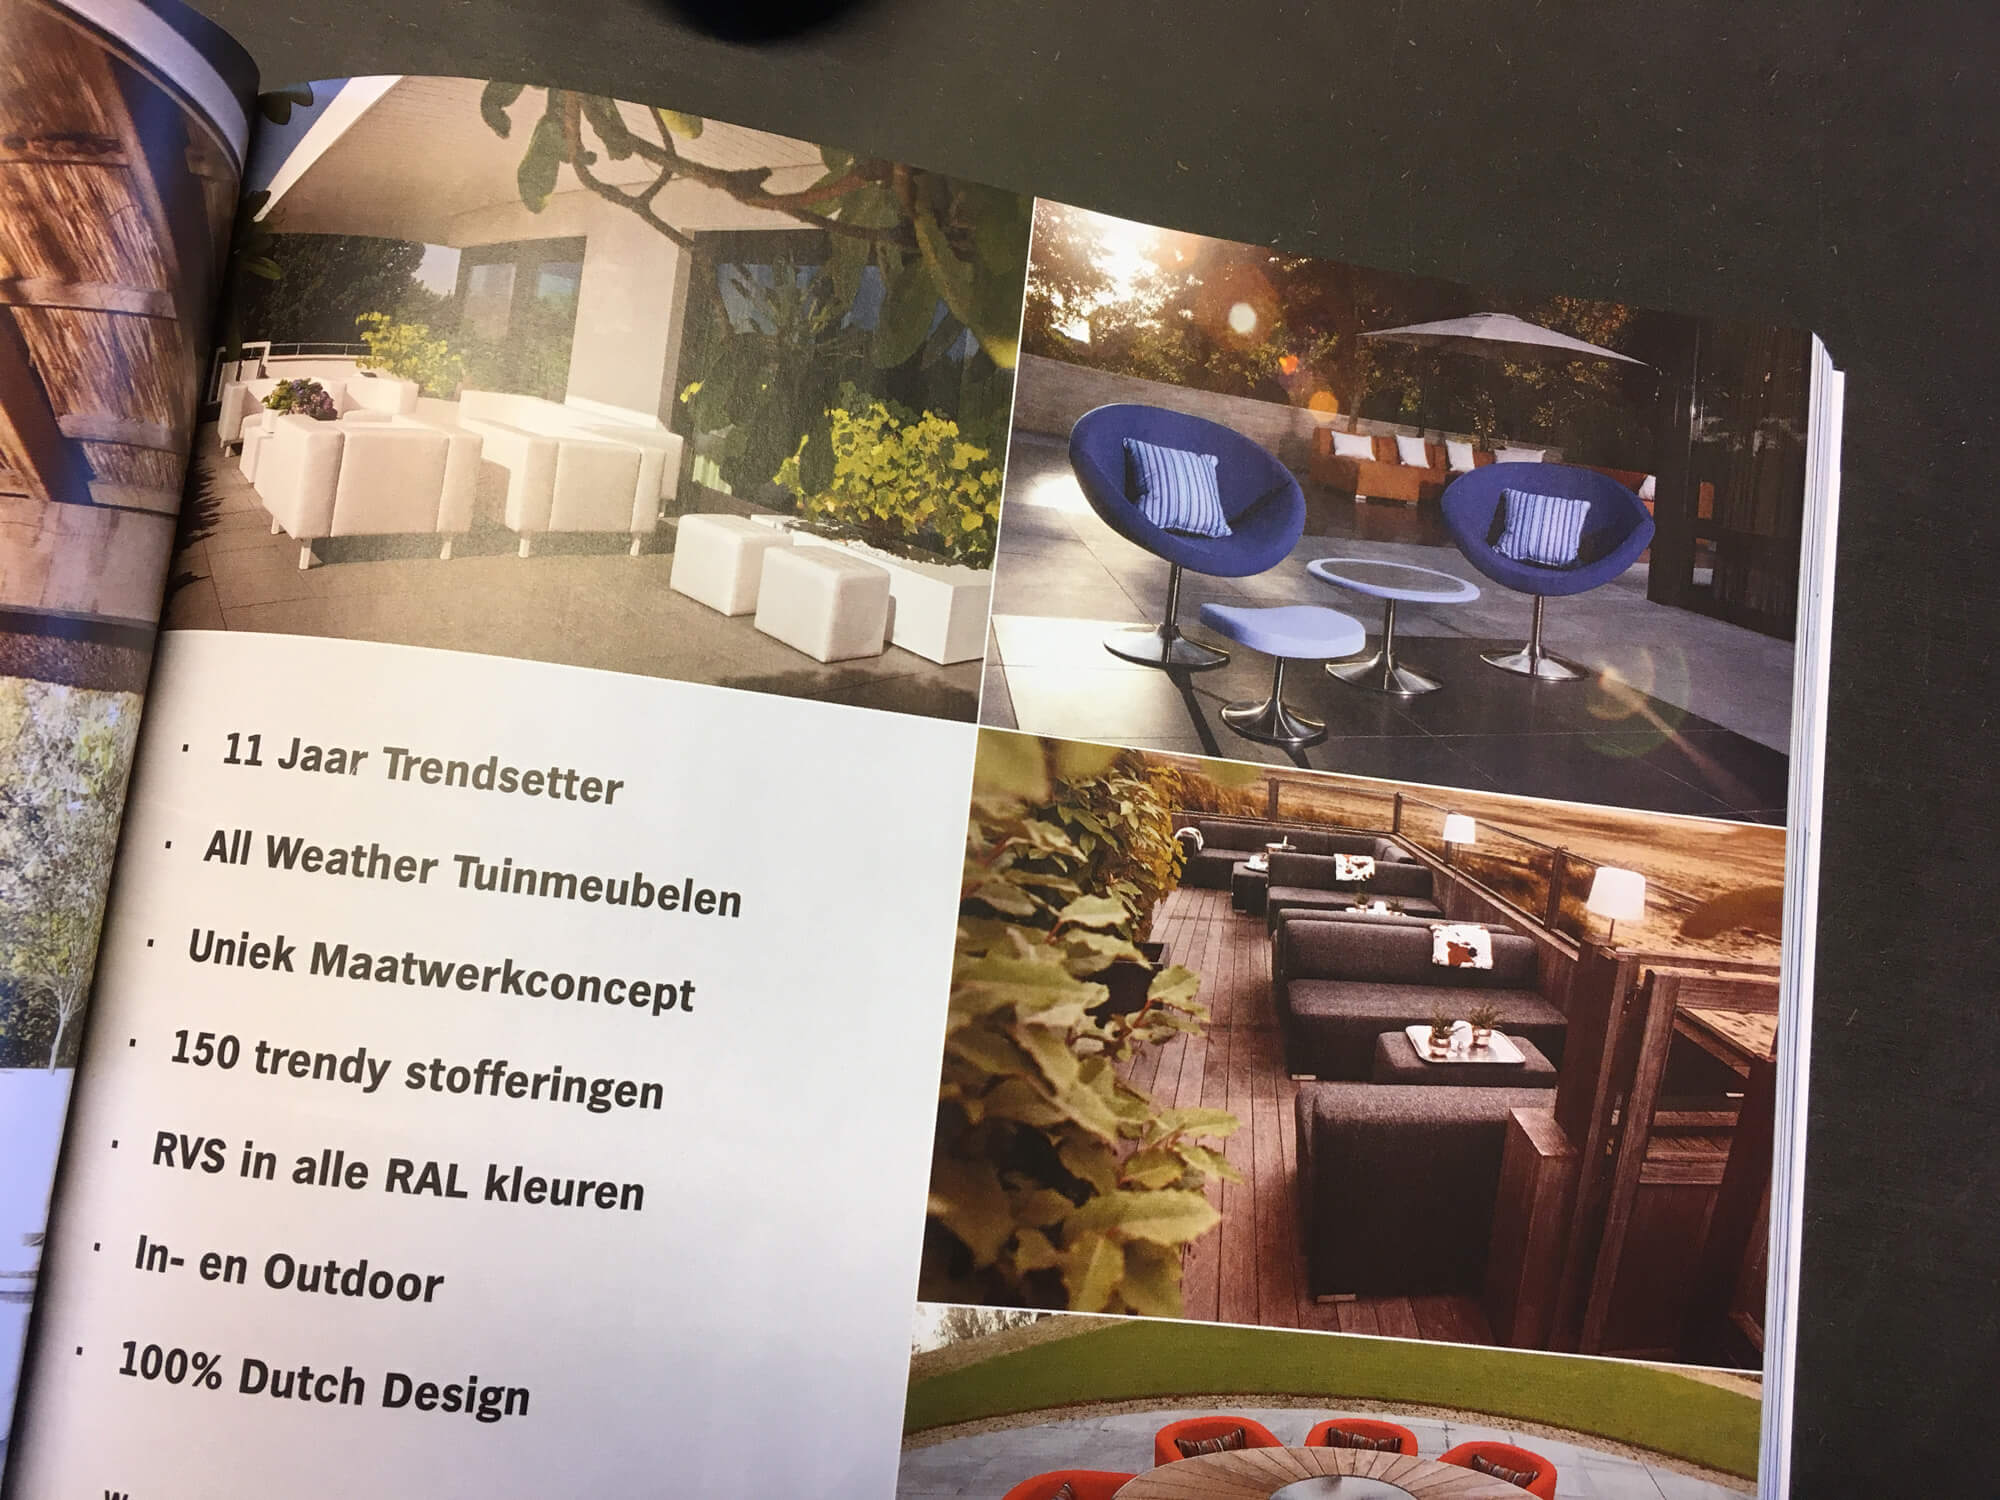 Design2chill in stijlvol wonen ernst baas tuininrichting design